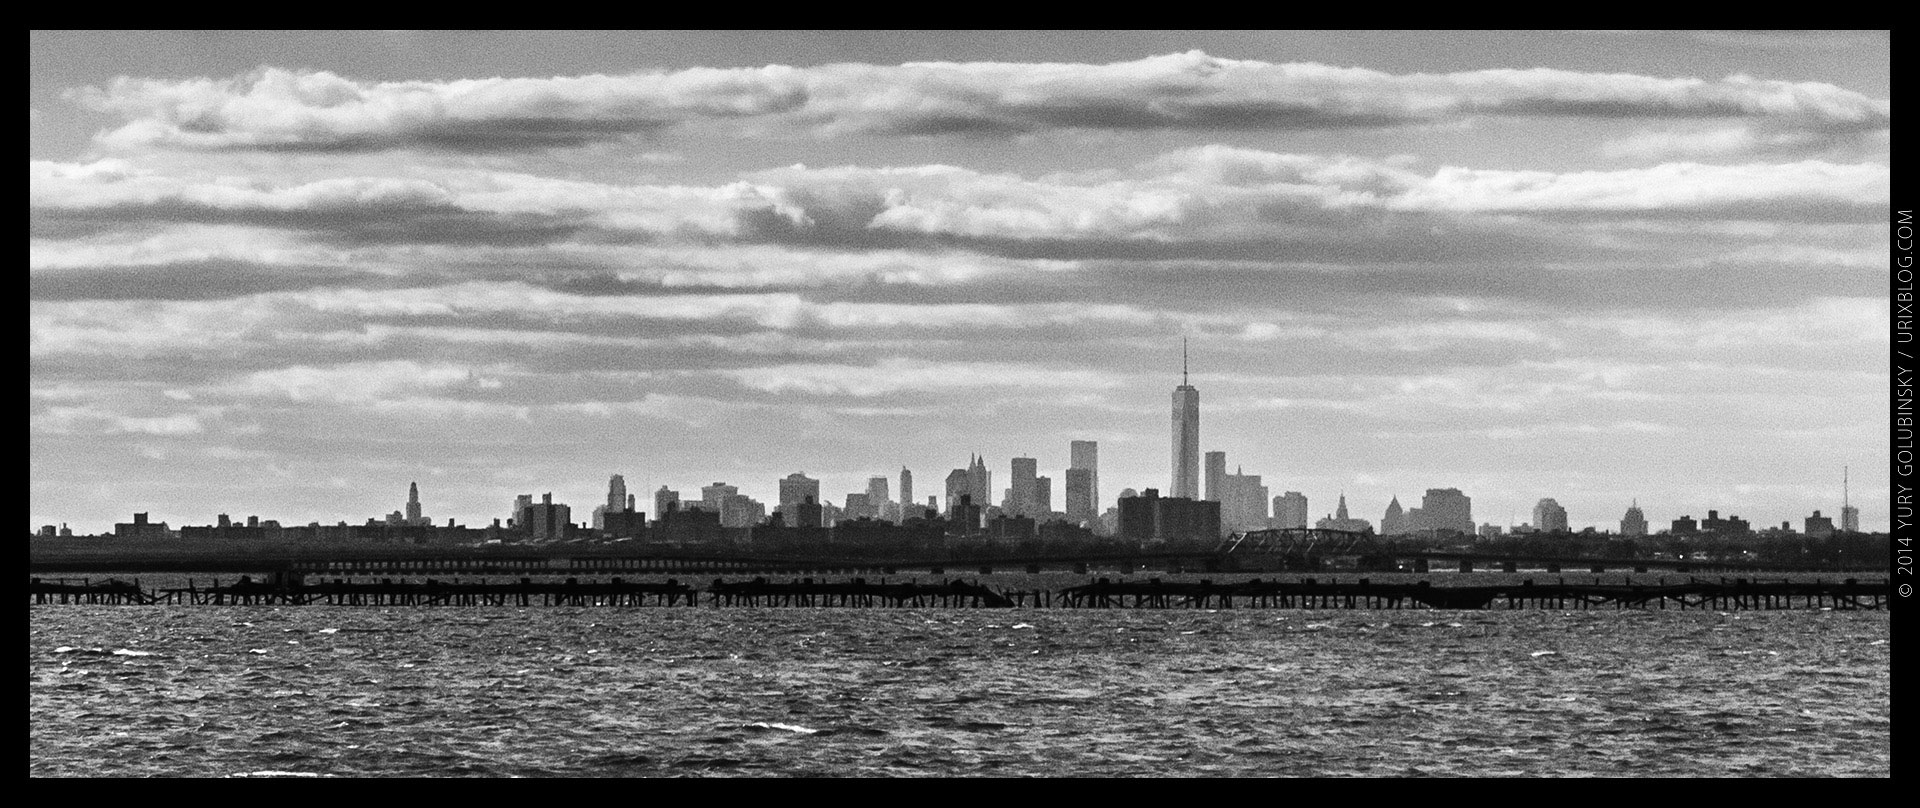 Manhattan, New York, NYC, JFK, USA, airport, 2014, panorama, horizon, city, bw, black and white